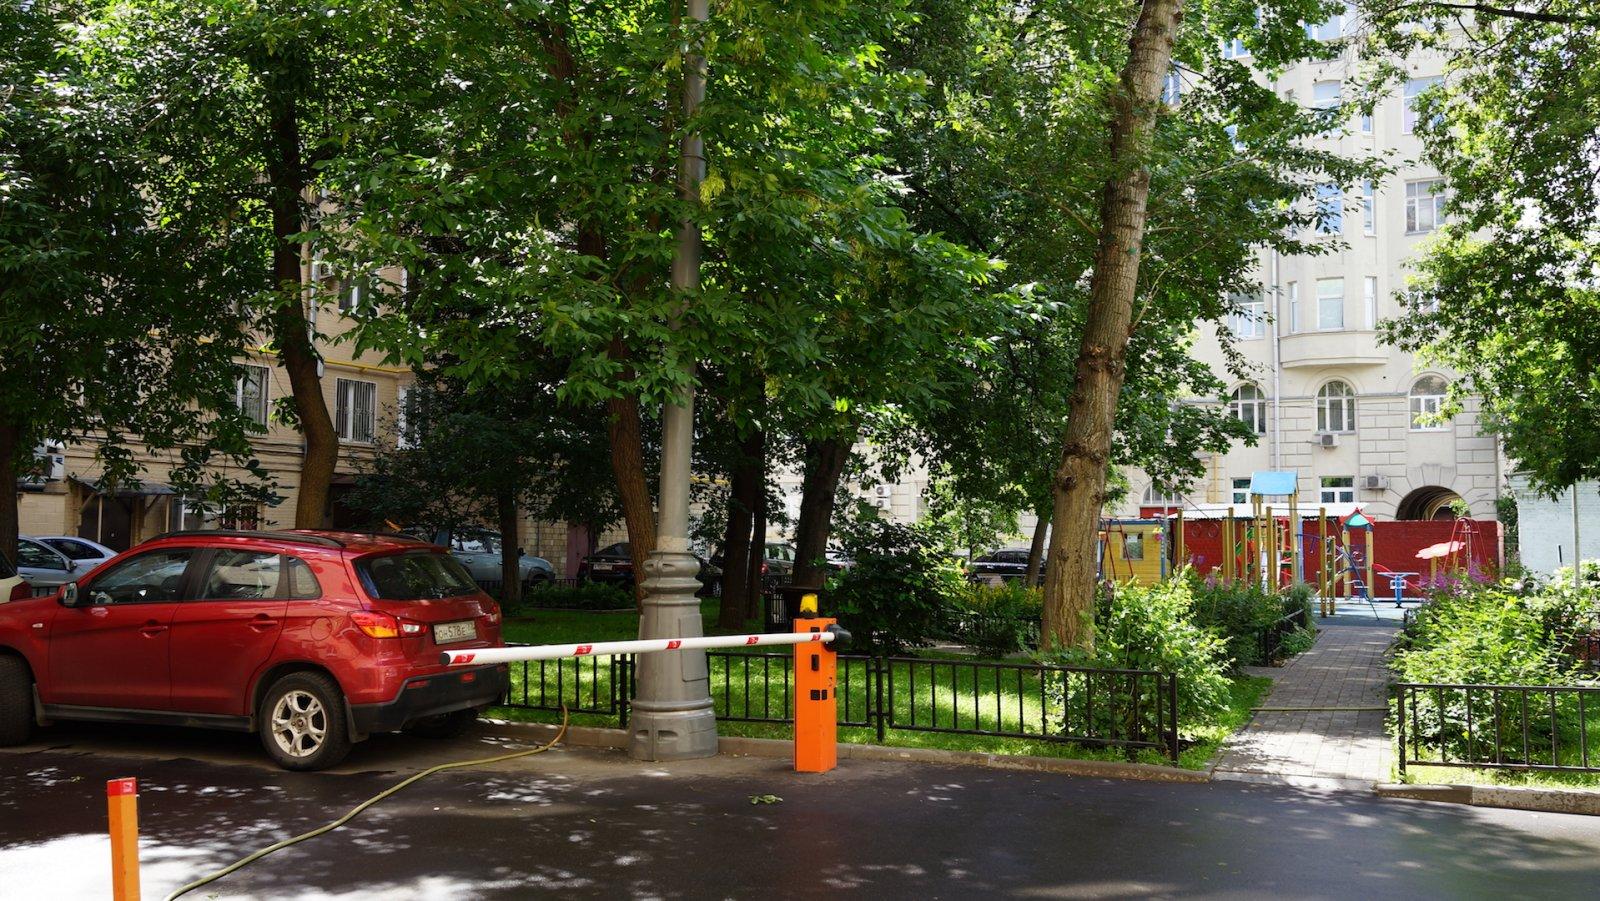 Садовое кольцо - двор жилого здания на Смоленском бульваре 3:5, 23.07.2017 г..JPG